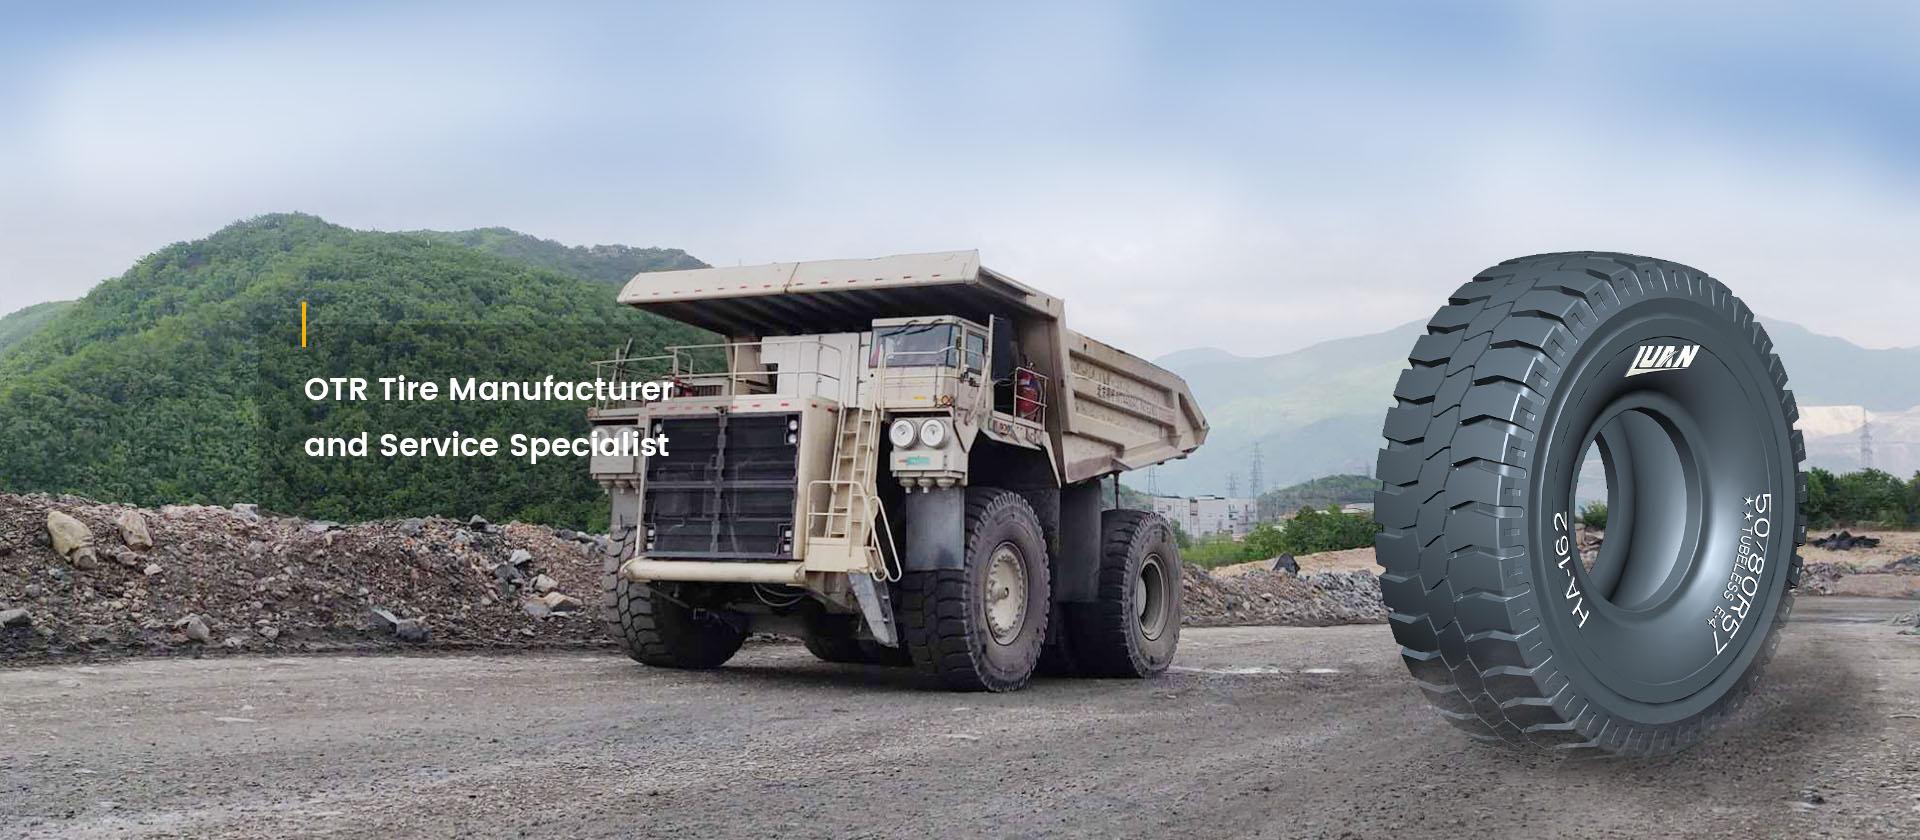 Giant OTR Tires